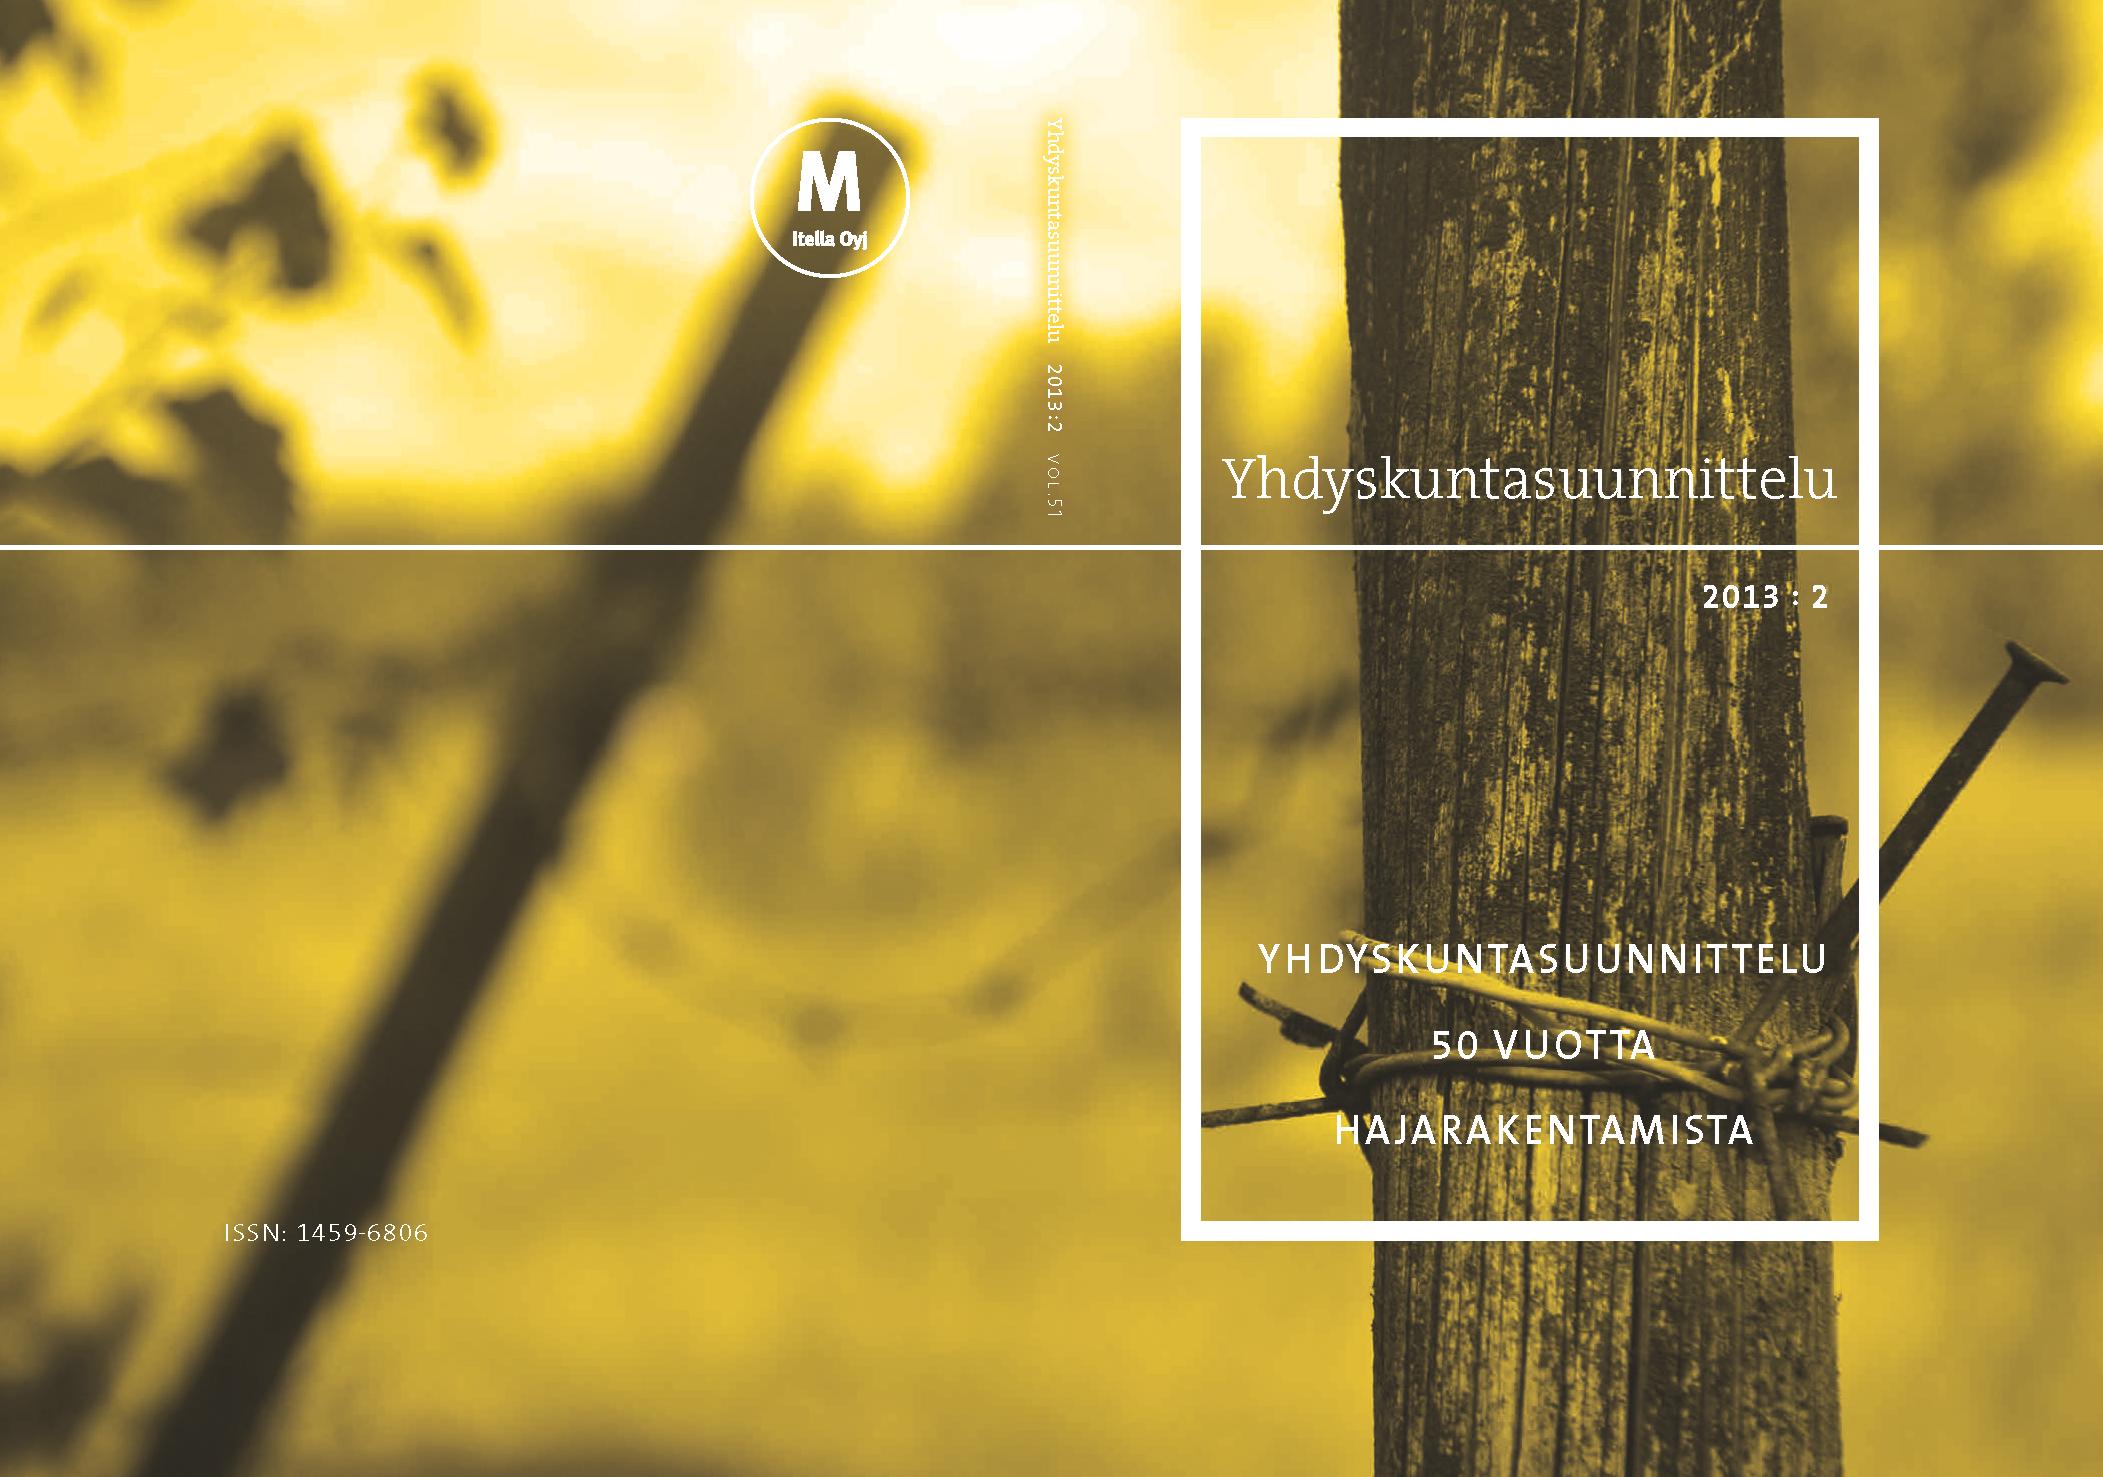 YS2013-2_kansi.png